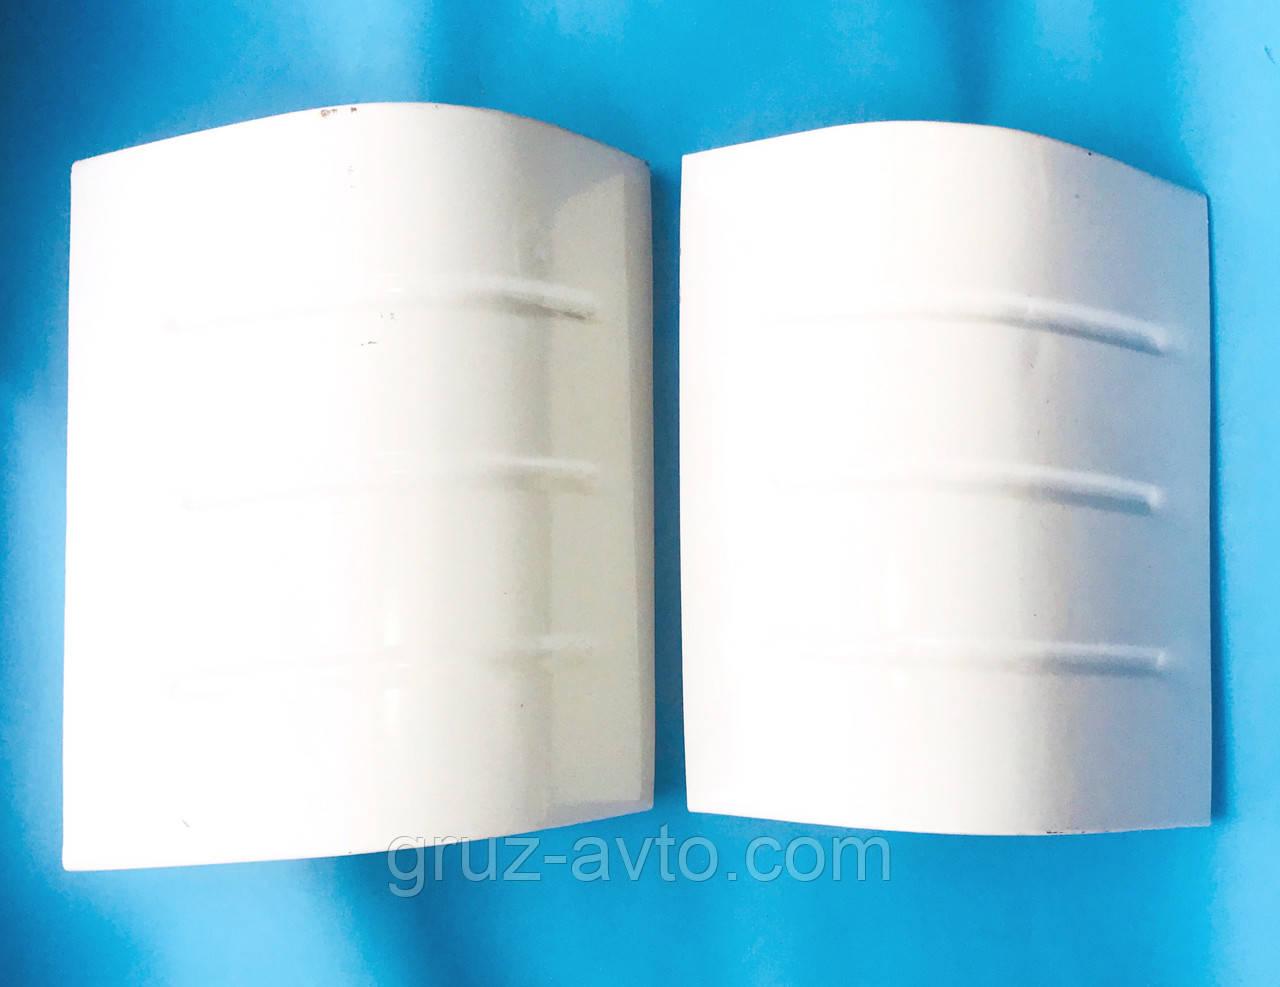 Комплект обтекателей кабины КАМАЗ левый 5320-8415011-02 и правый 5320-8415010-02